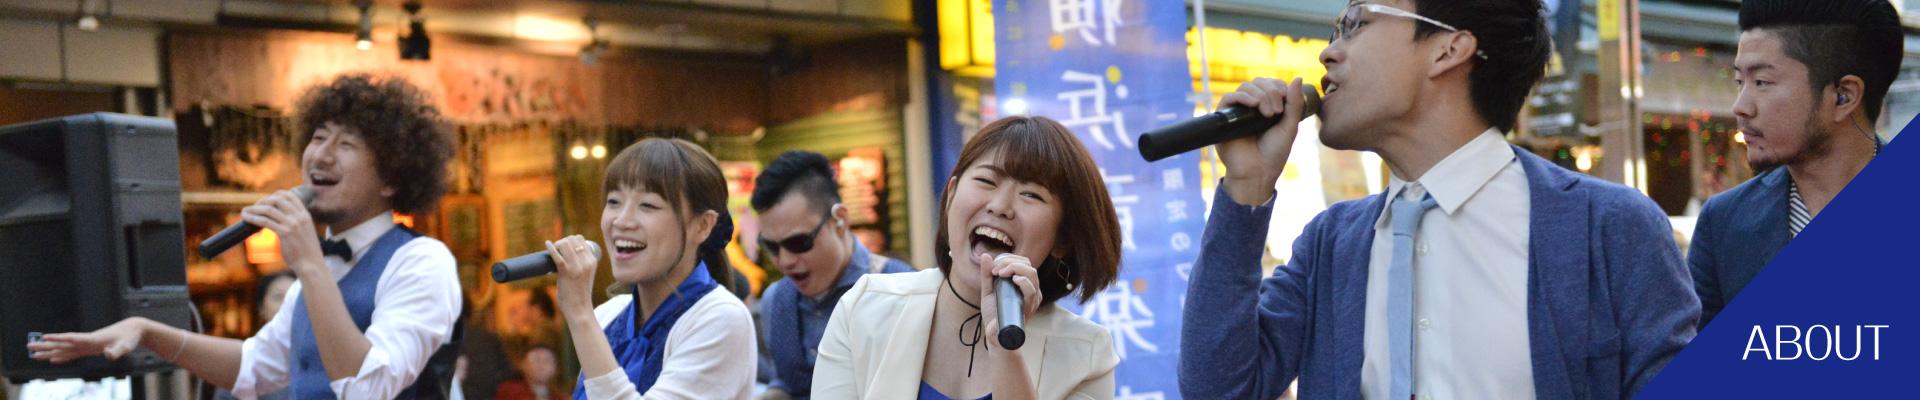 横浜音楽空間とは? |  横浜音楽空間2018 期間限定のフリーライヴスペース